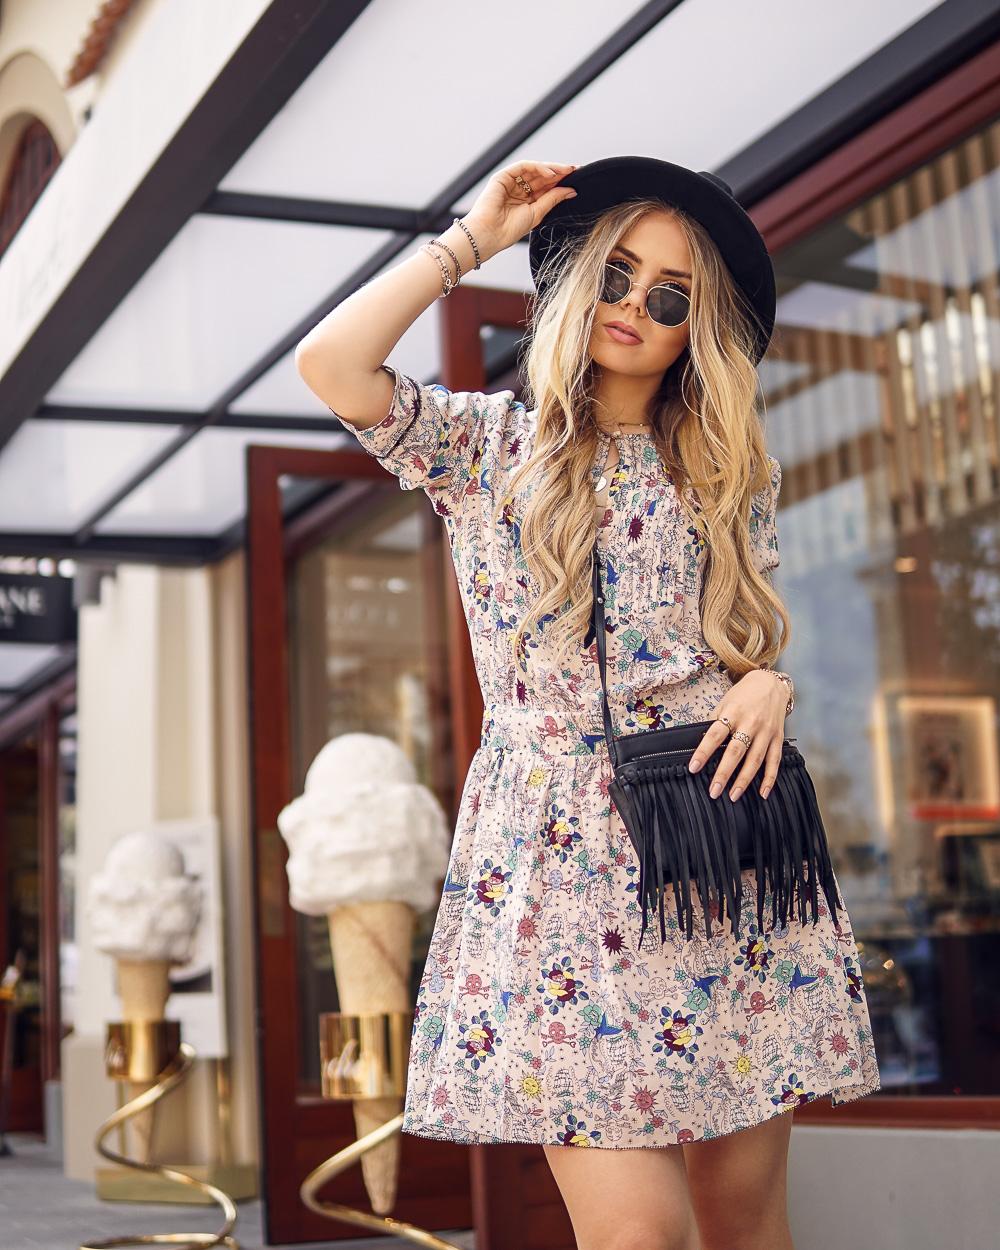 Modeblog München-Holiday Outfit-Boho Kleid-Fransen Tasche-Hut-zadigetvoltaire-Fidenza Village-Mailand